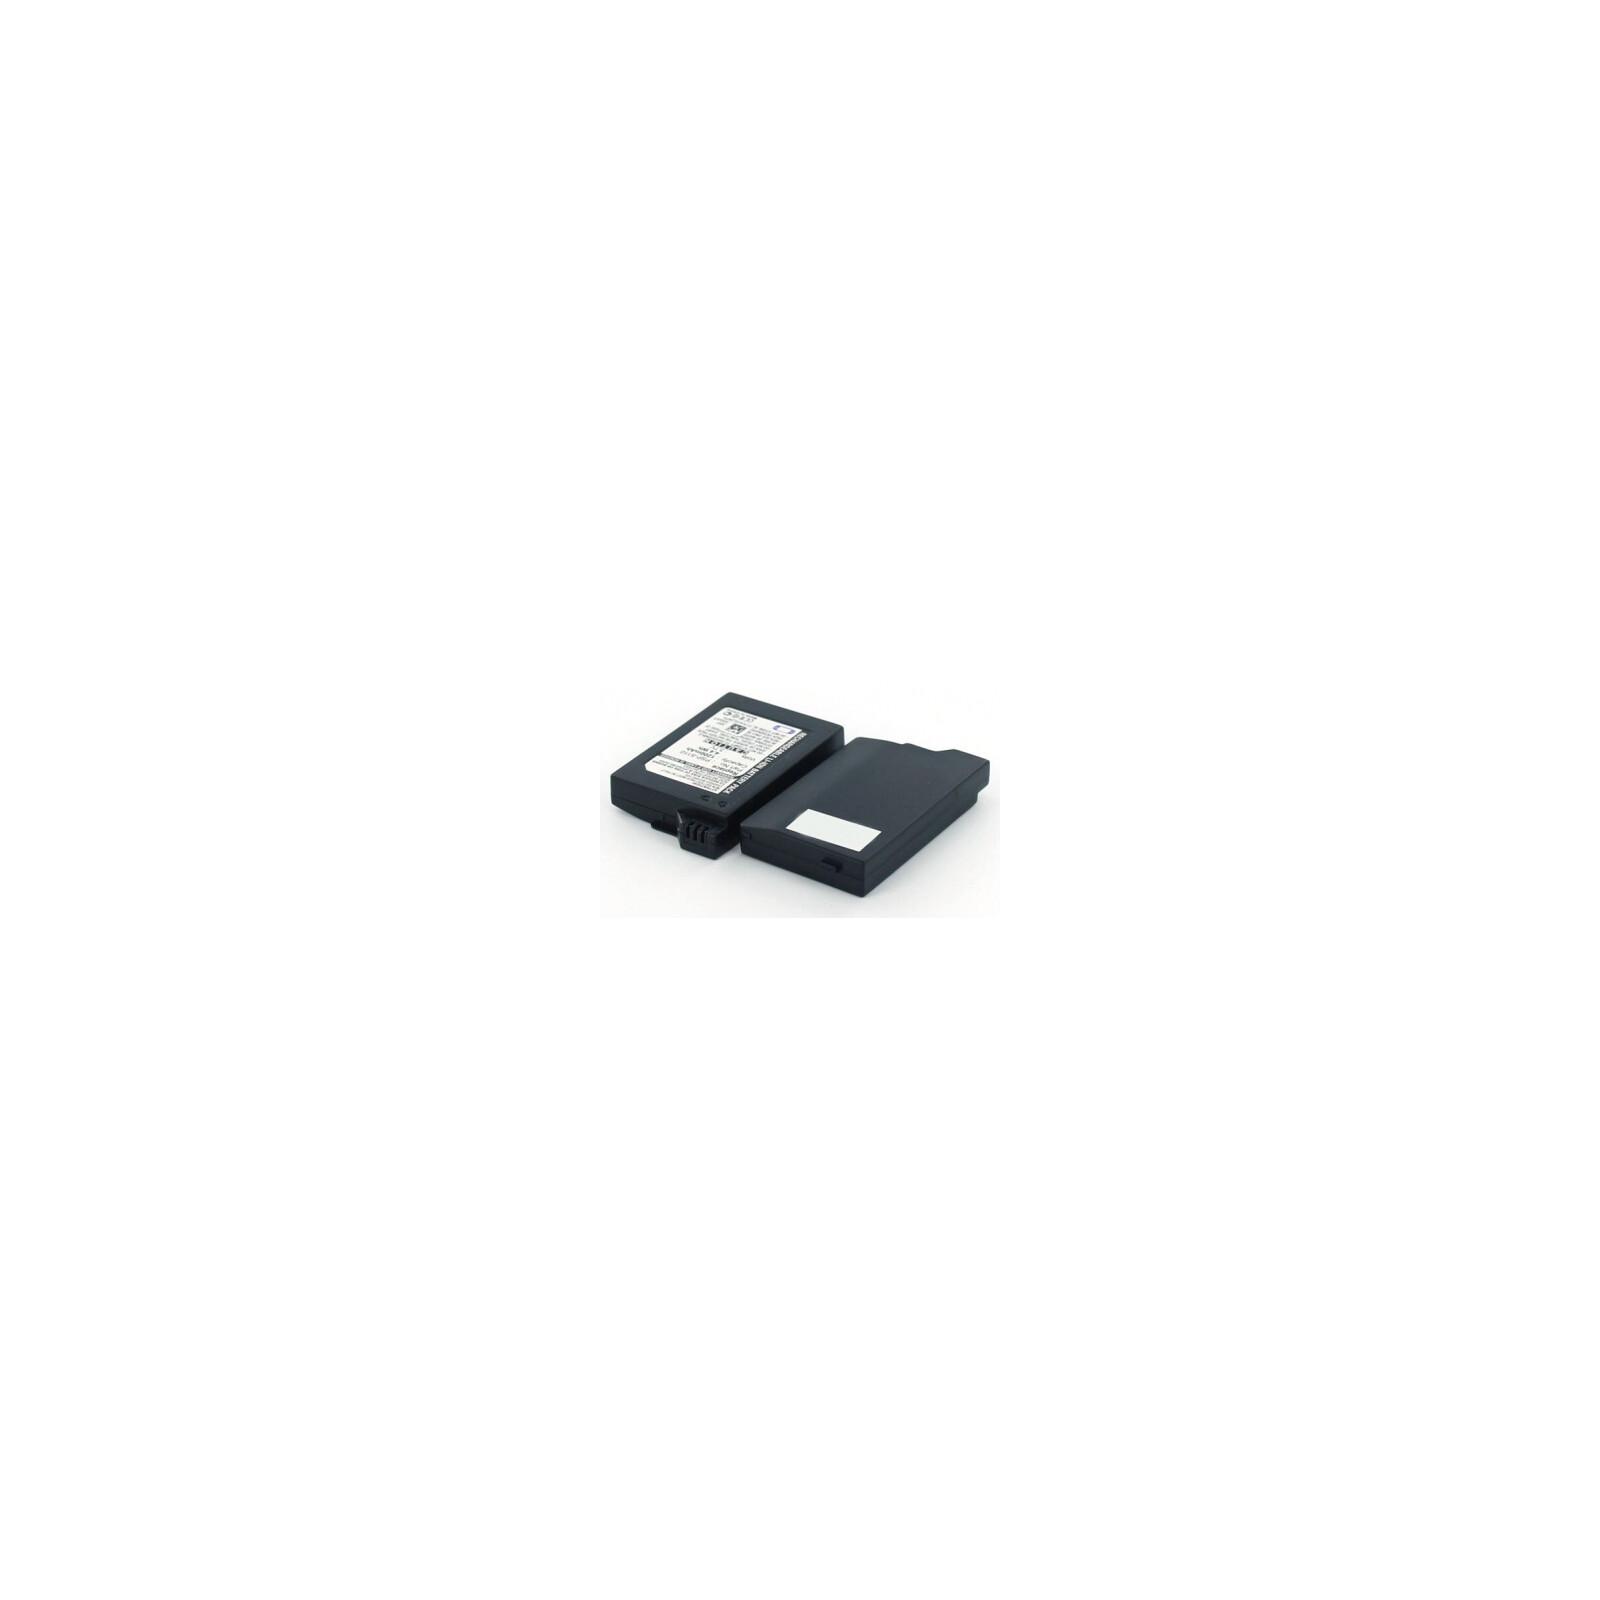 AGI Akku Sony PSP-S110 1.000mAh